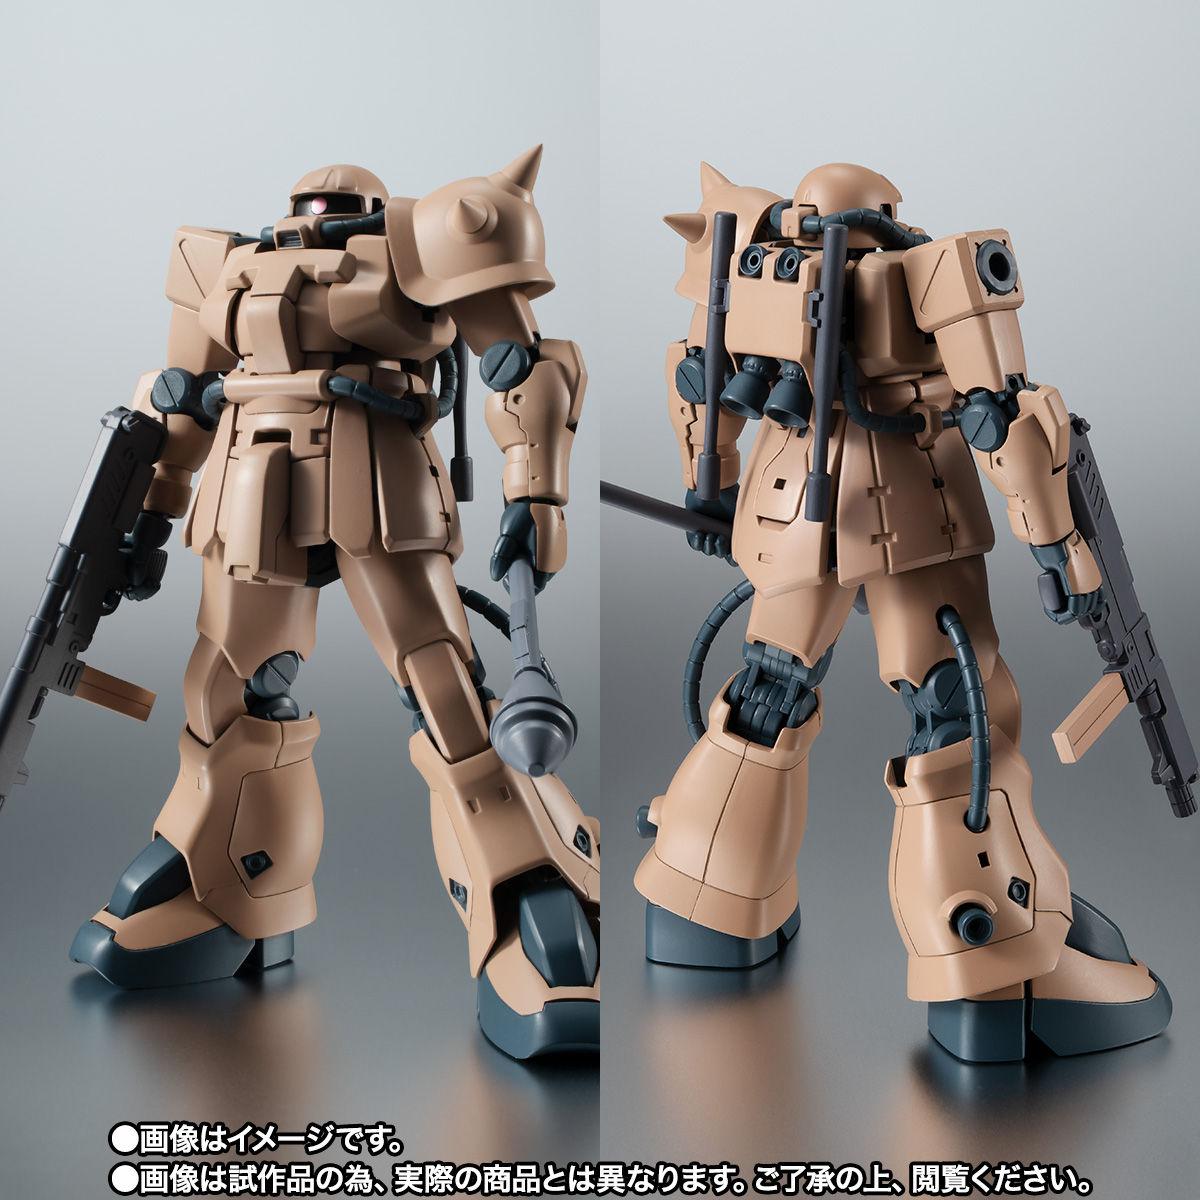 【限定販売】ROBOT魂〈SIDE MS〉『MS-06F-2 ザクII F2型 キンバライド基地仕様 ver. A.N.I.M.E.』ガンダム0083 可動フィギュア-004